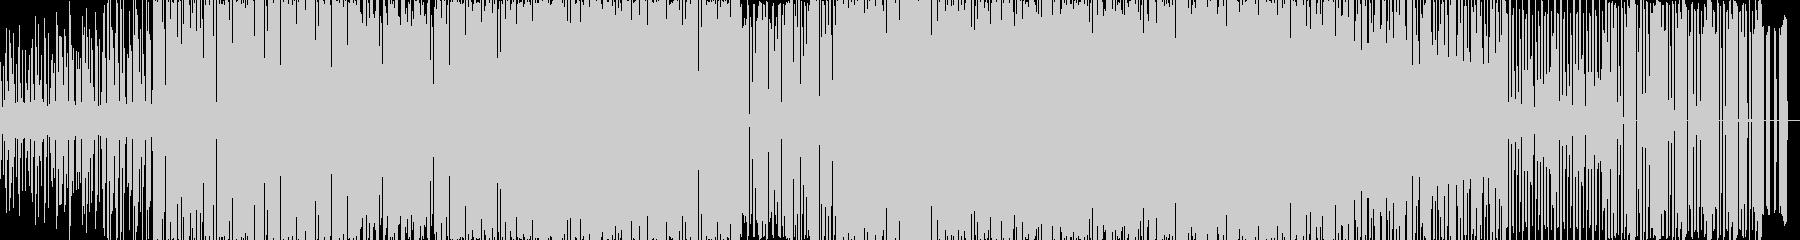 定番クラブサウンドの未再生の波形